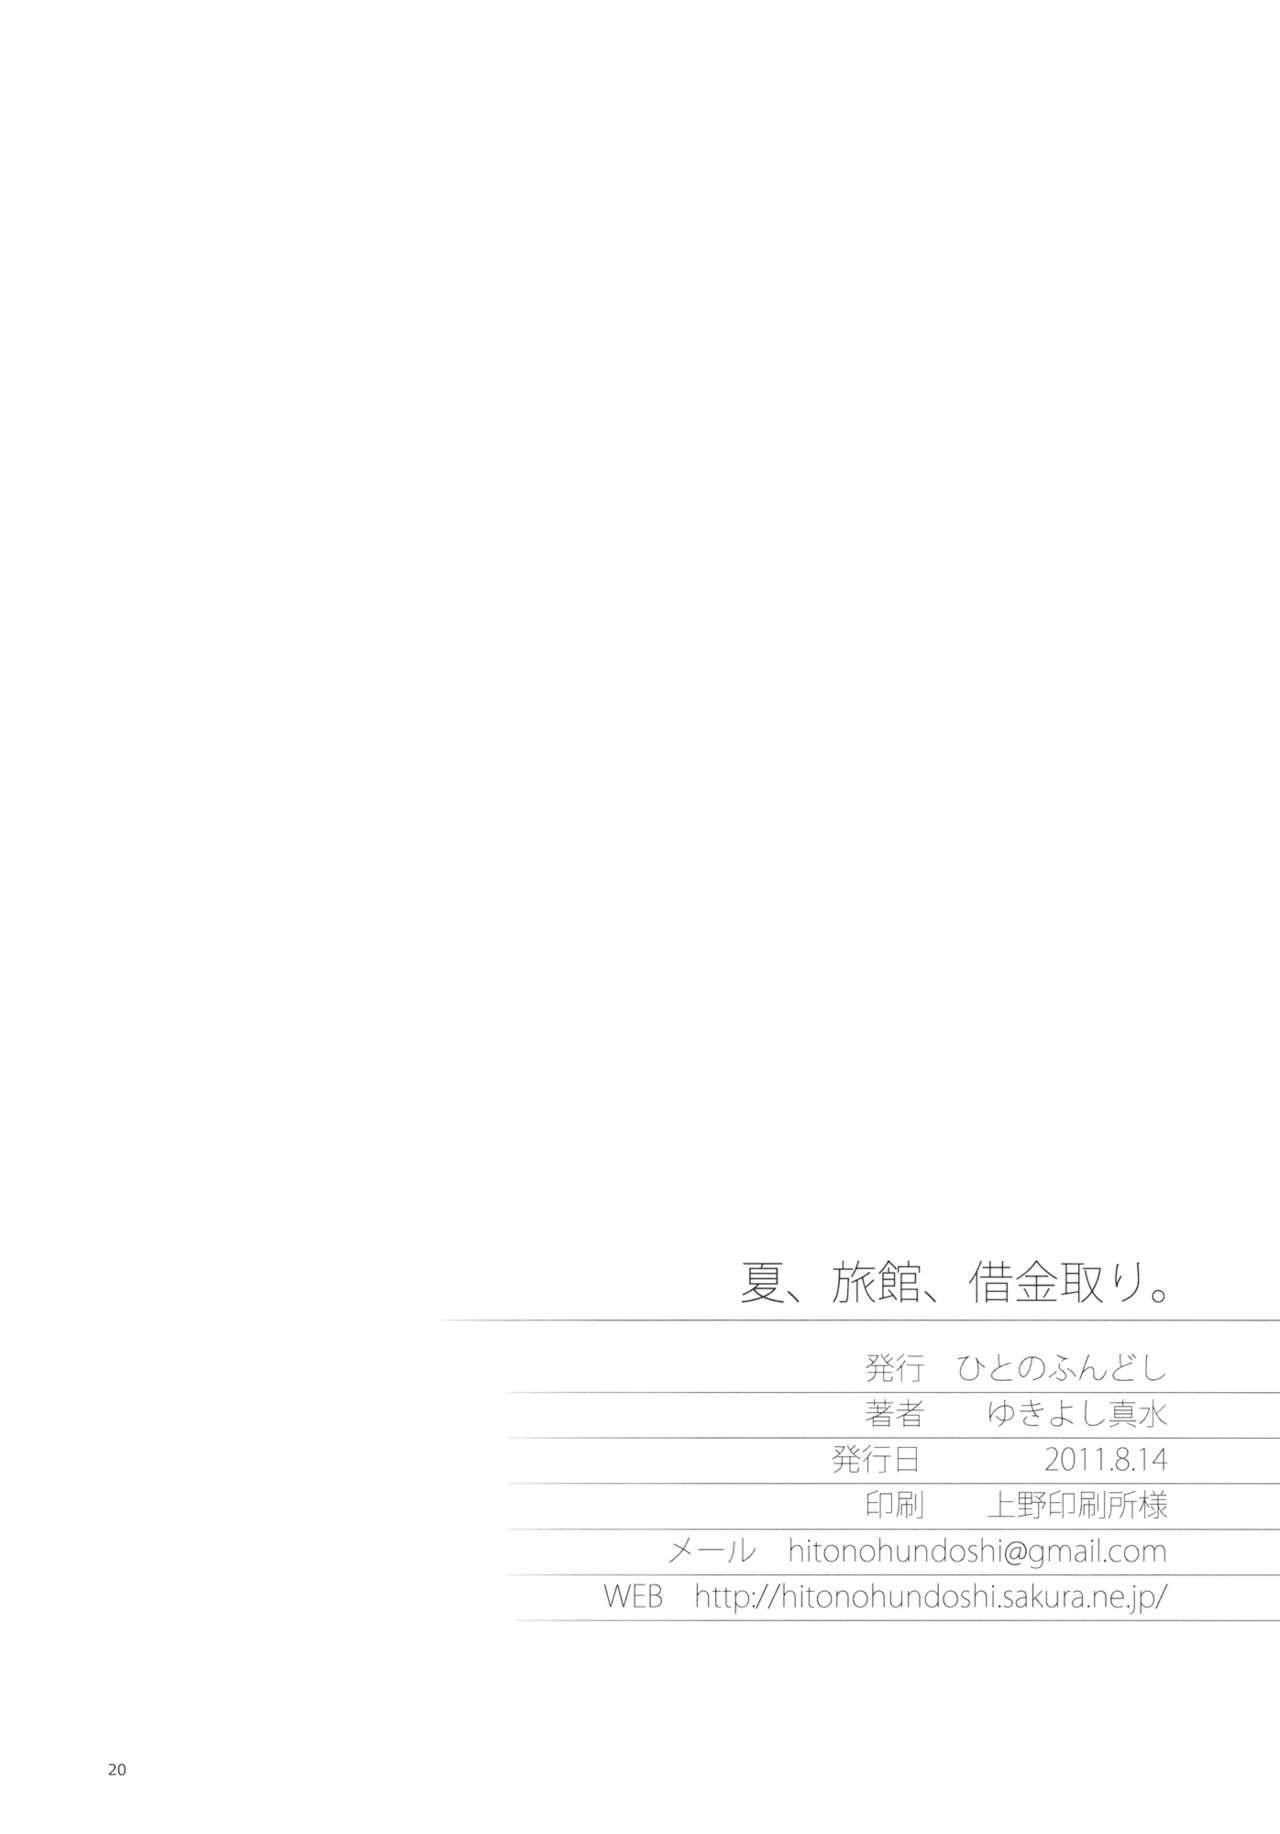 Natsu, Ryokan, Shakkintori. 18